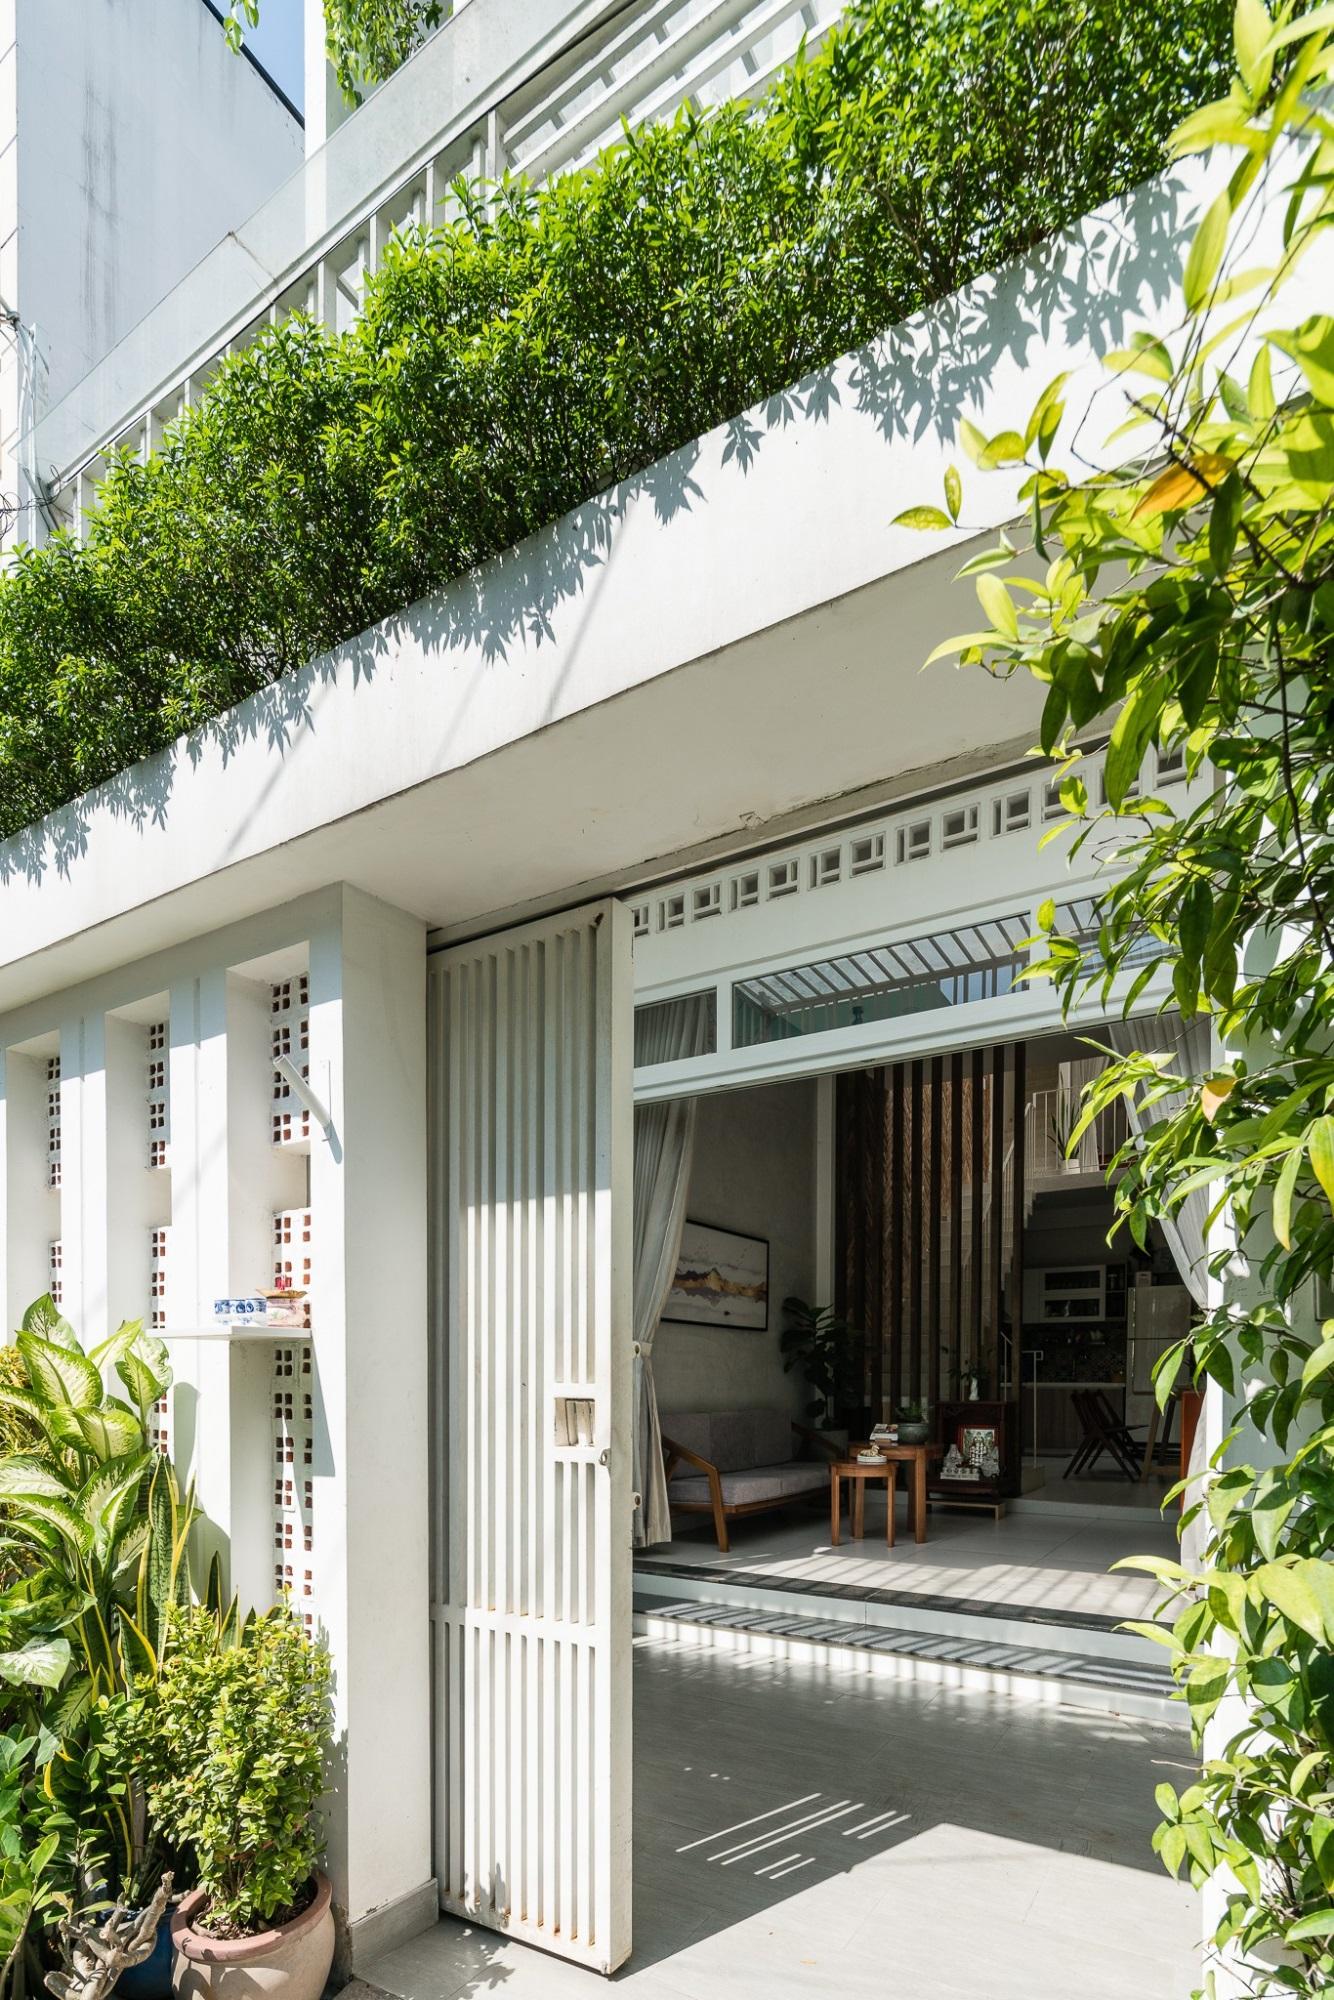 Ngôi nhà ống chỉ 53m² nhưng mỗi khi về nhà, các thành viên trong gia đình đều được trút bỏ mọi áp lực của cuộc sống ở Sài Gòn - Ảnh 3